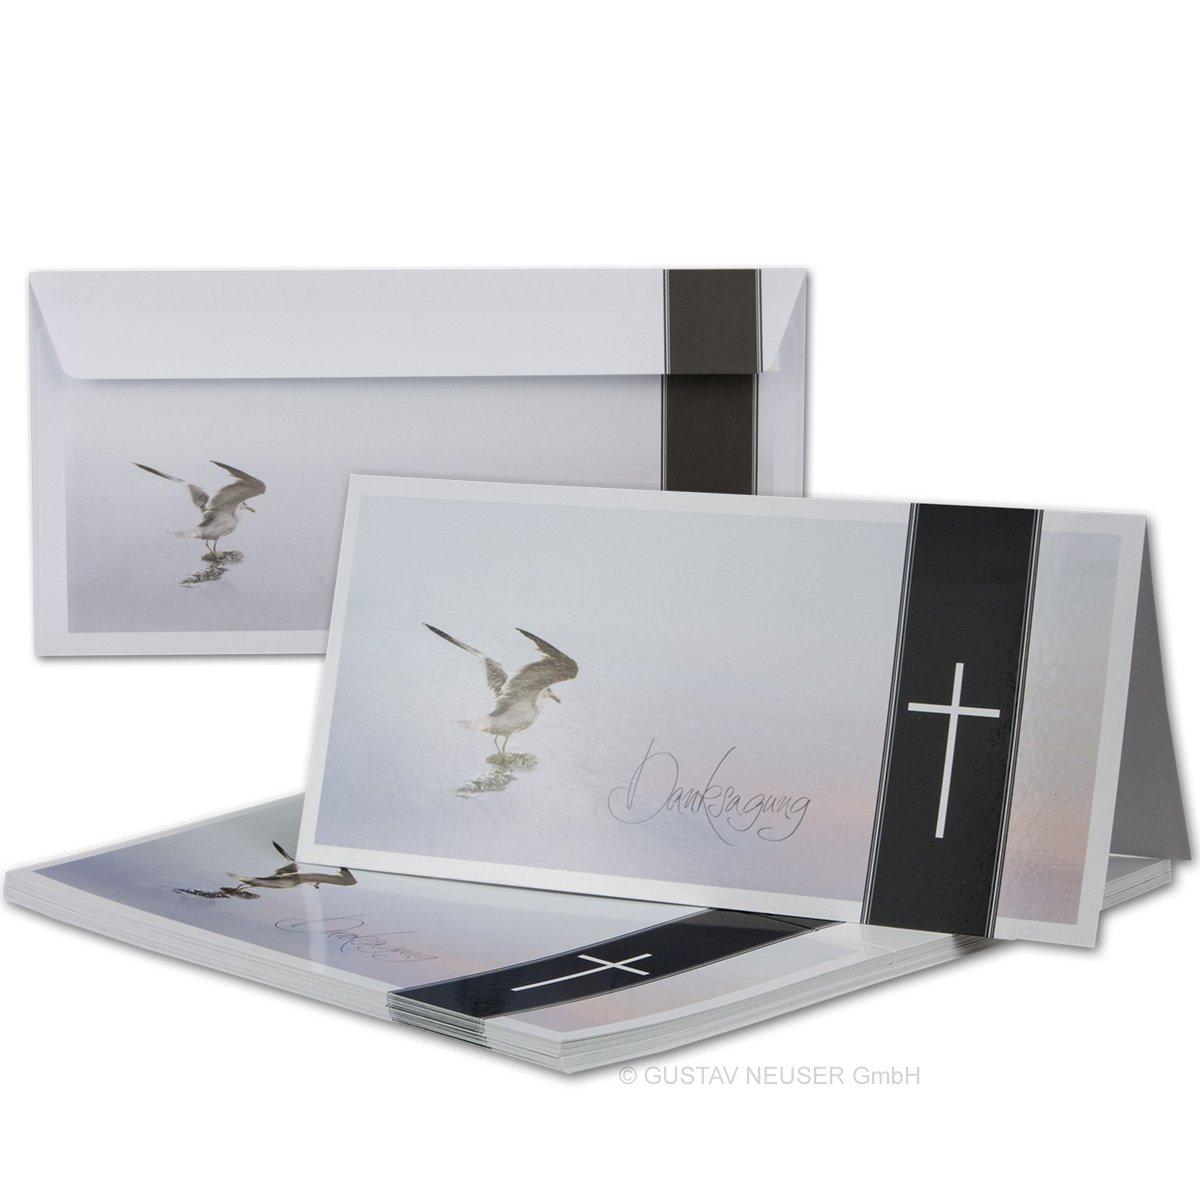 Calla 15 x Trauer-Set I Danksagungs-Trauer-Doppelkarten mit Umschl/ägen DIN Lang 21 x 19,8 cm I Hochglanz I Serie